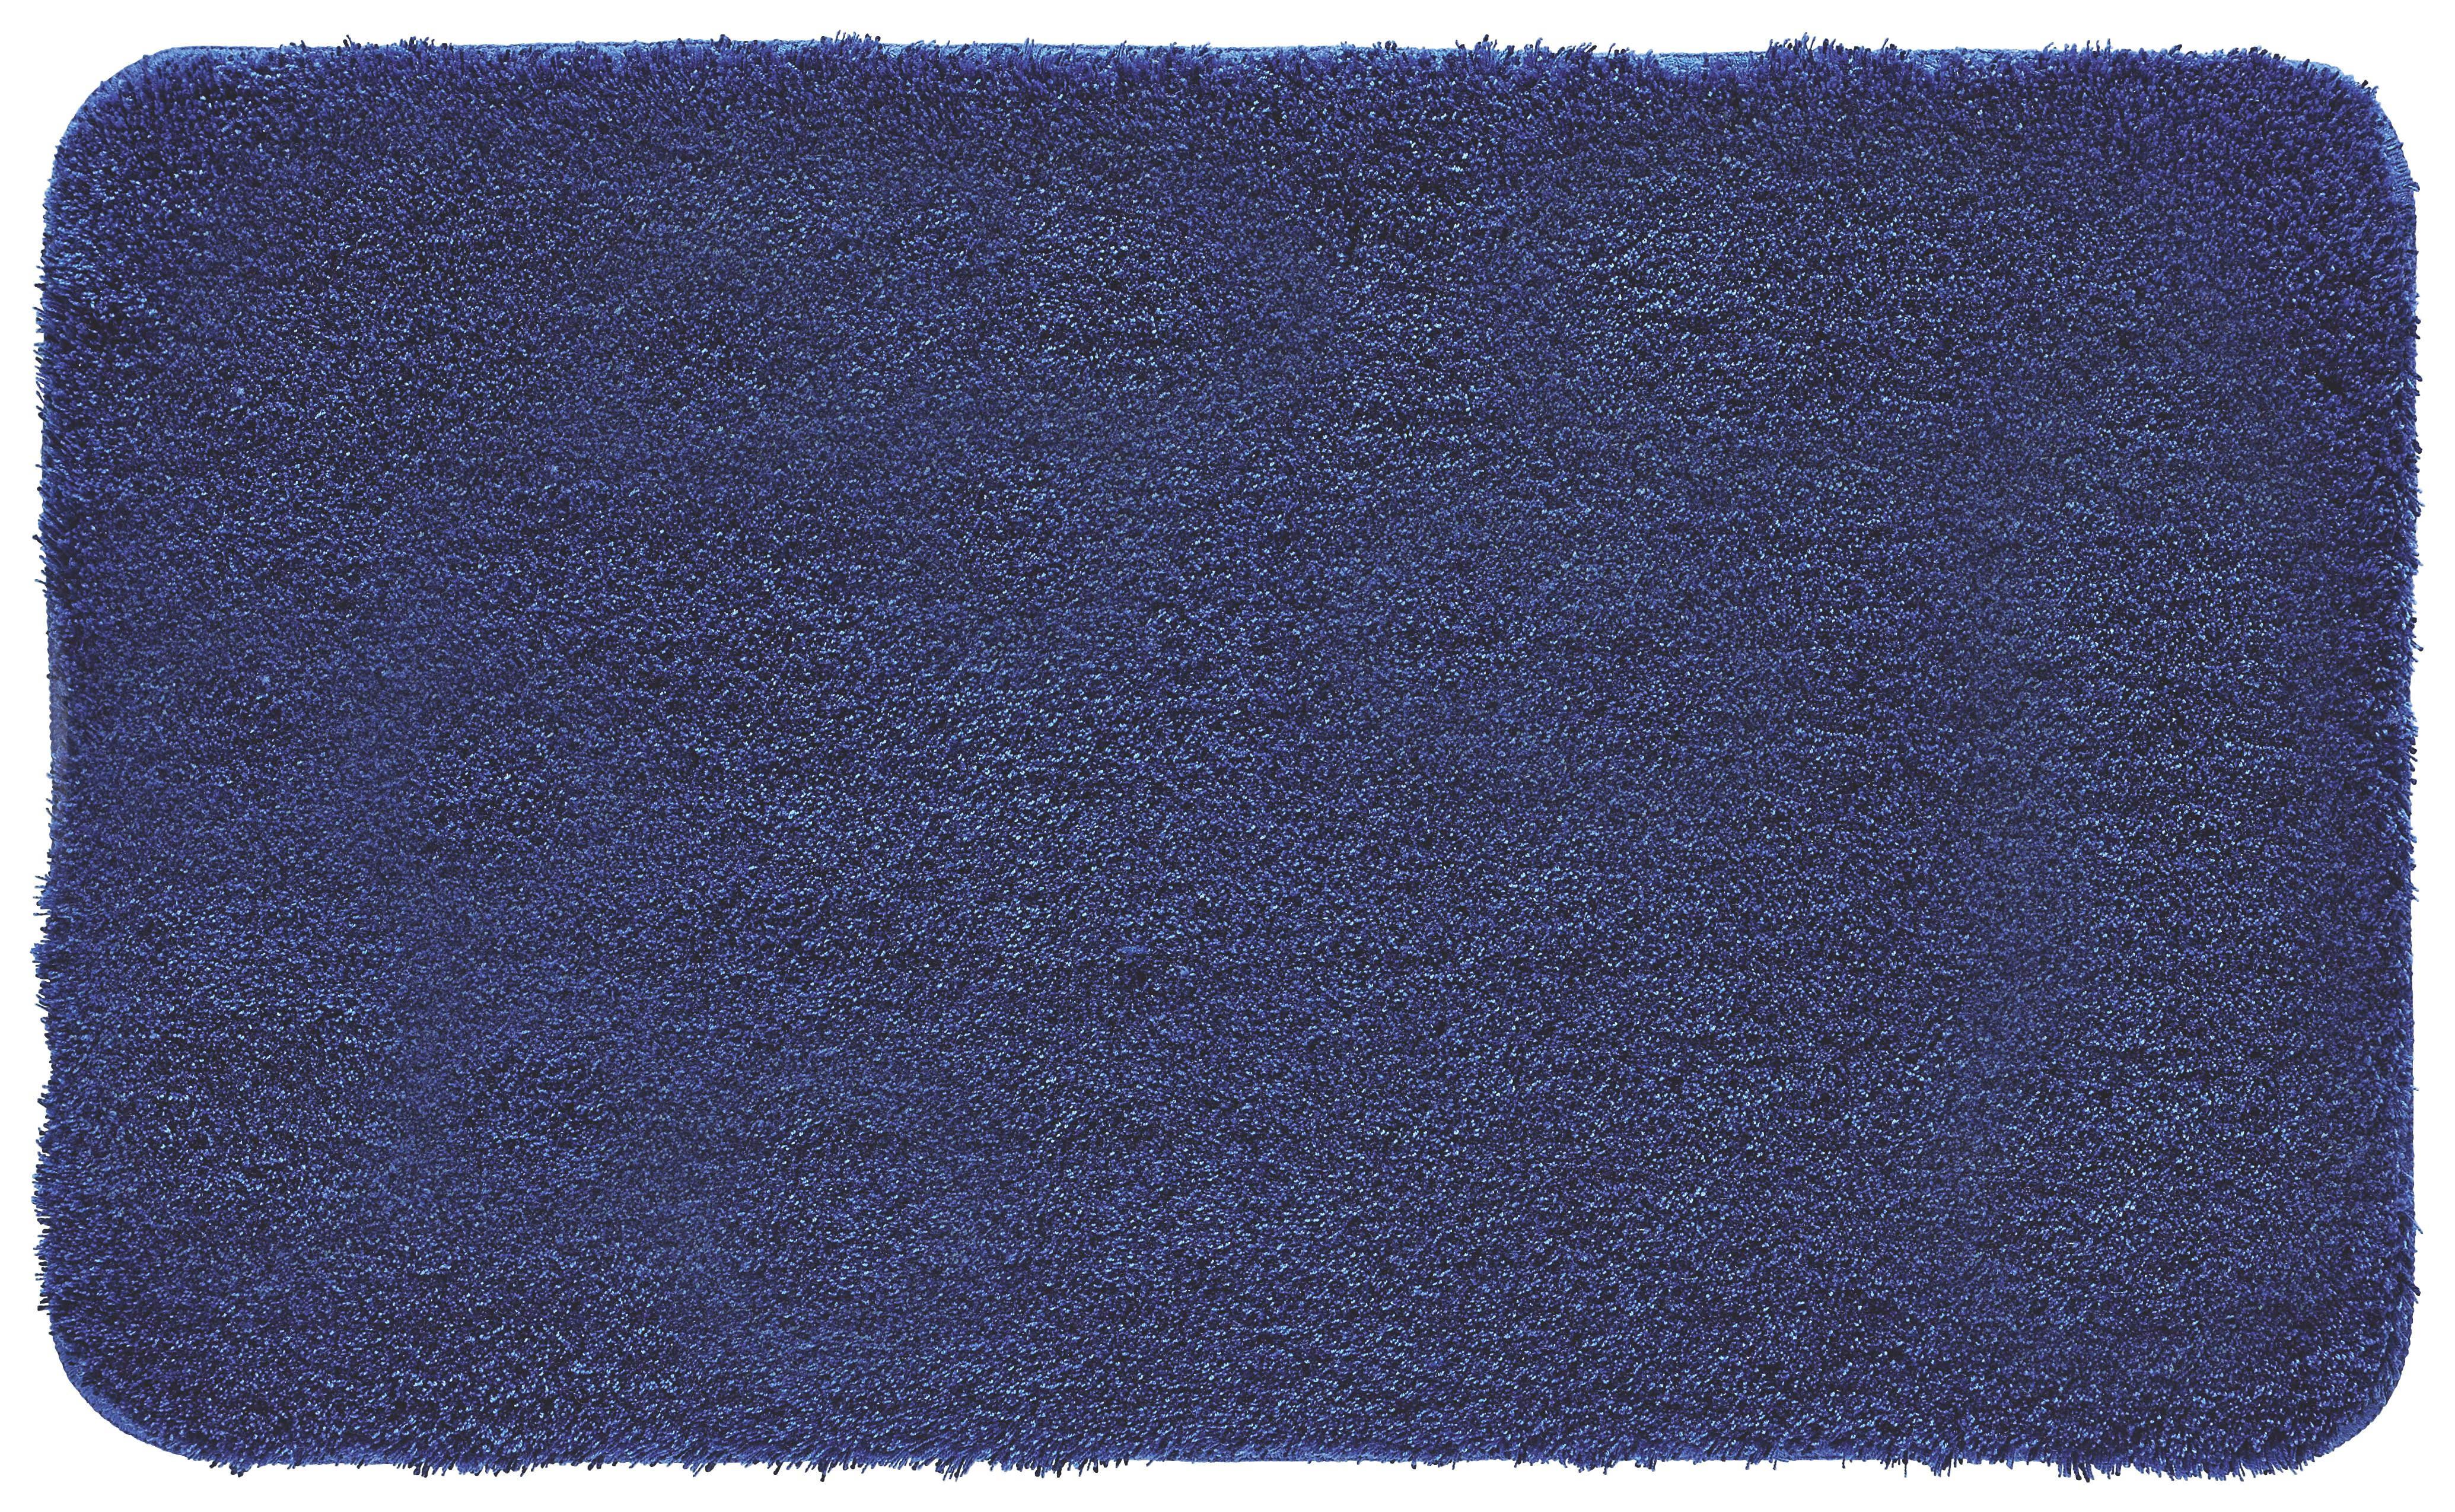 BADTEPPICH  Dunkelblau  60/100 cm - Dunkelblau, Kunststoff/Textil (60/100cm) - KLEINE WOLKE